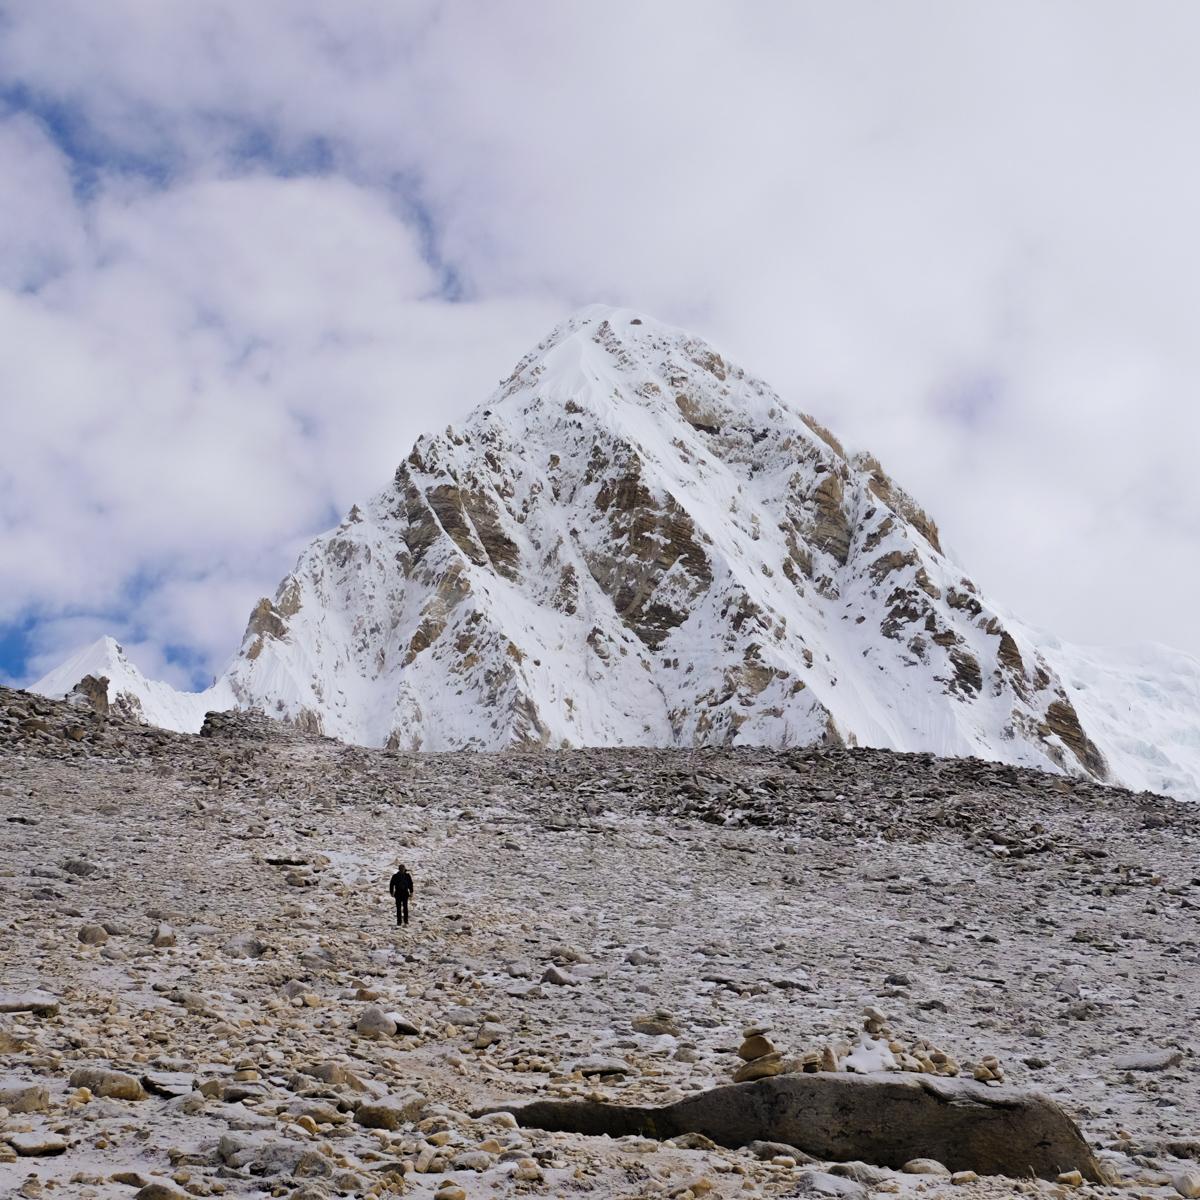 Kala Patthar & Gokyo, Everest 3 pass #3 14